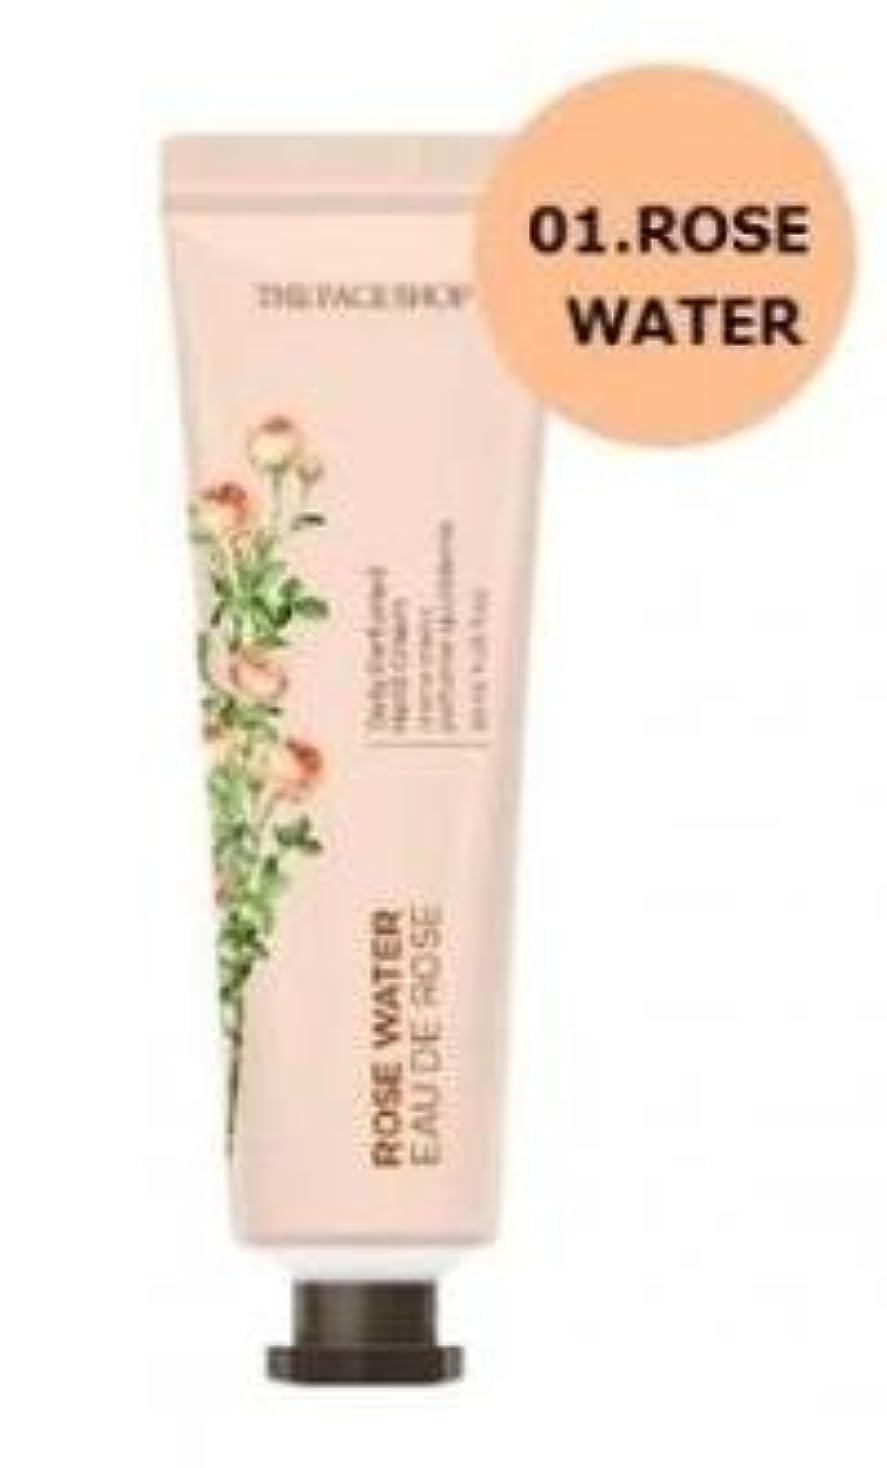 件名バイオリン競争力のあるTHE FACE SHOP Daily Perfume Hand Cream [01.Rose Water] ザフェイスショップ デイリーパフュームハンドクリーム [01.ローズウォーター] [new] [並行輸入品]